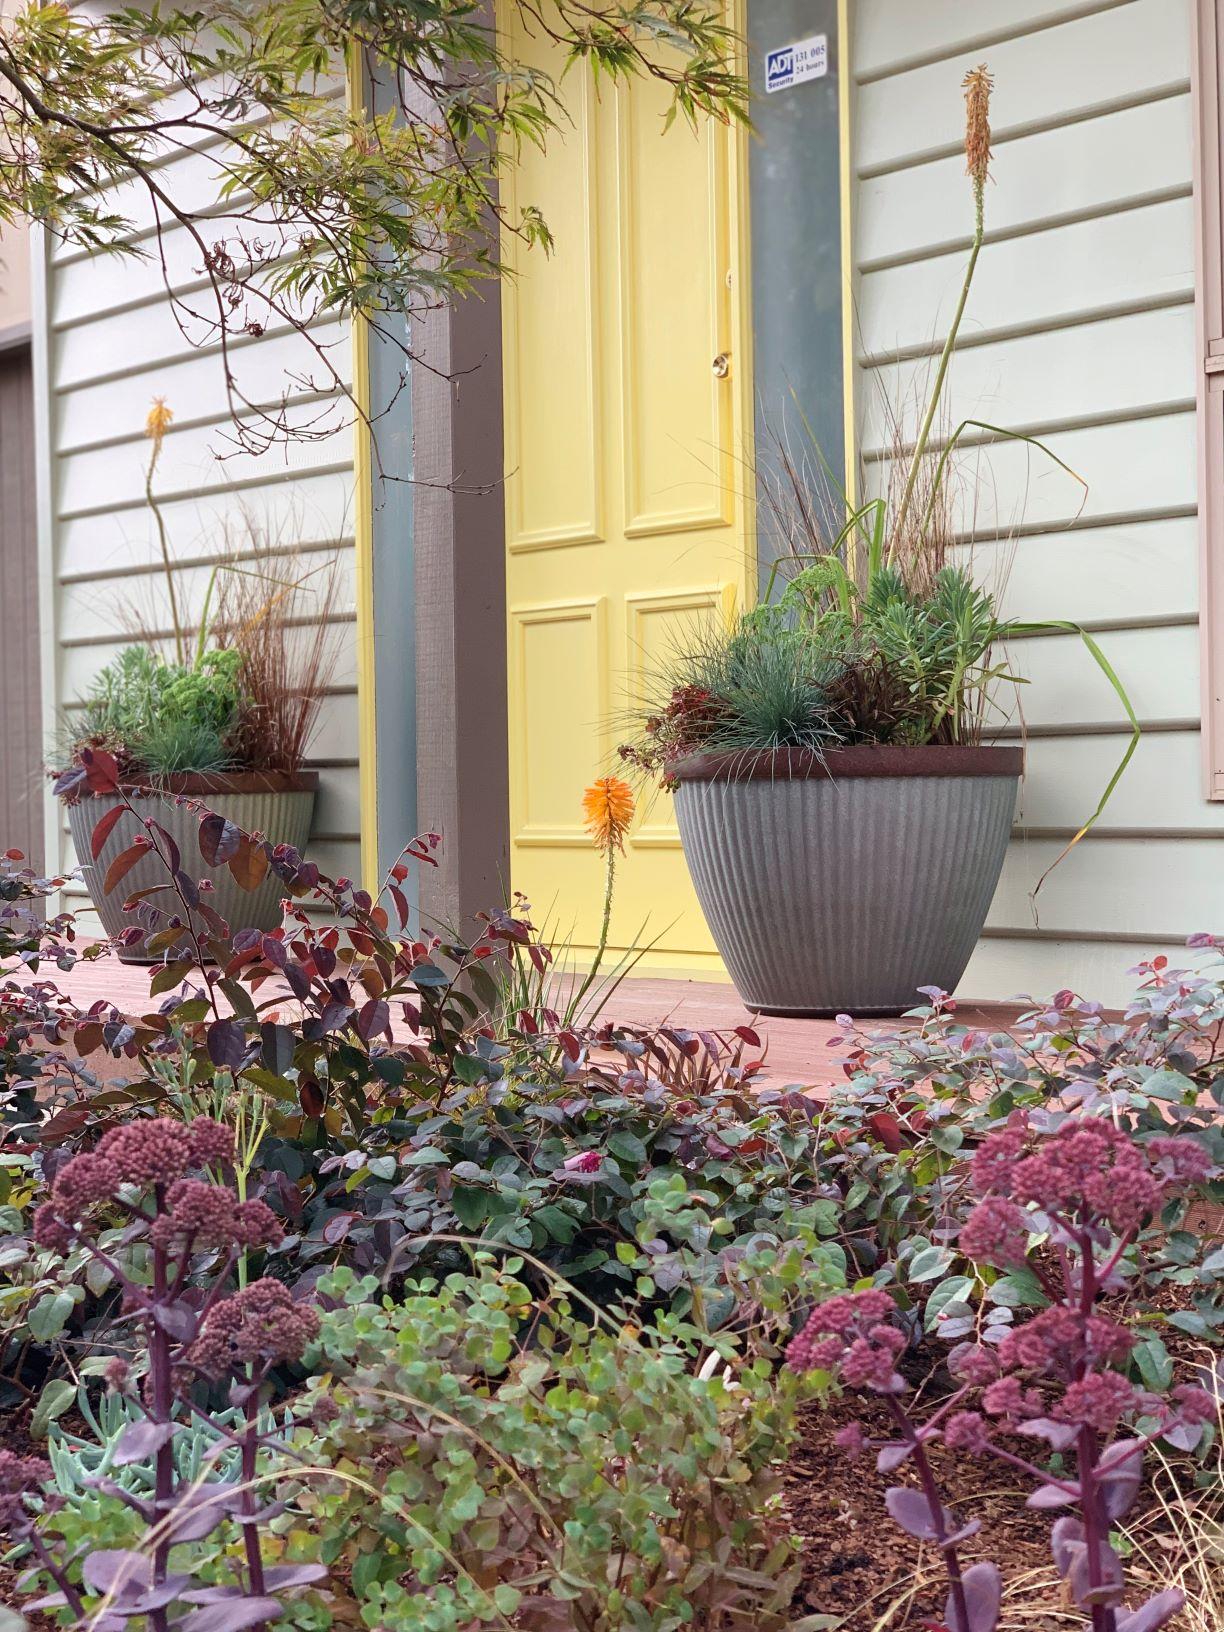 Tips to create a healthy green garden space